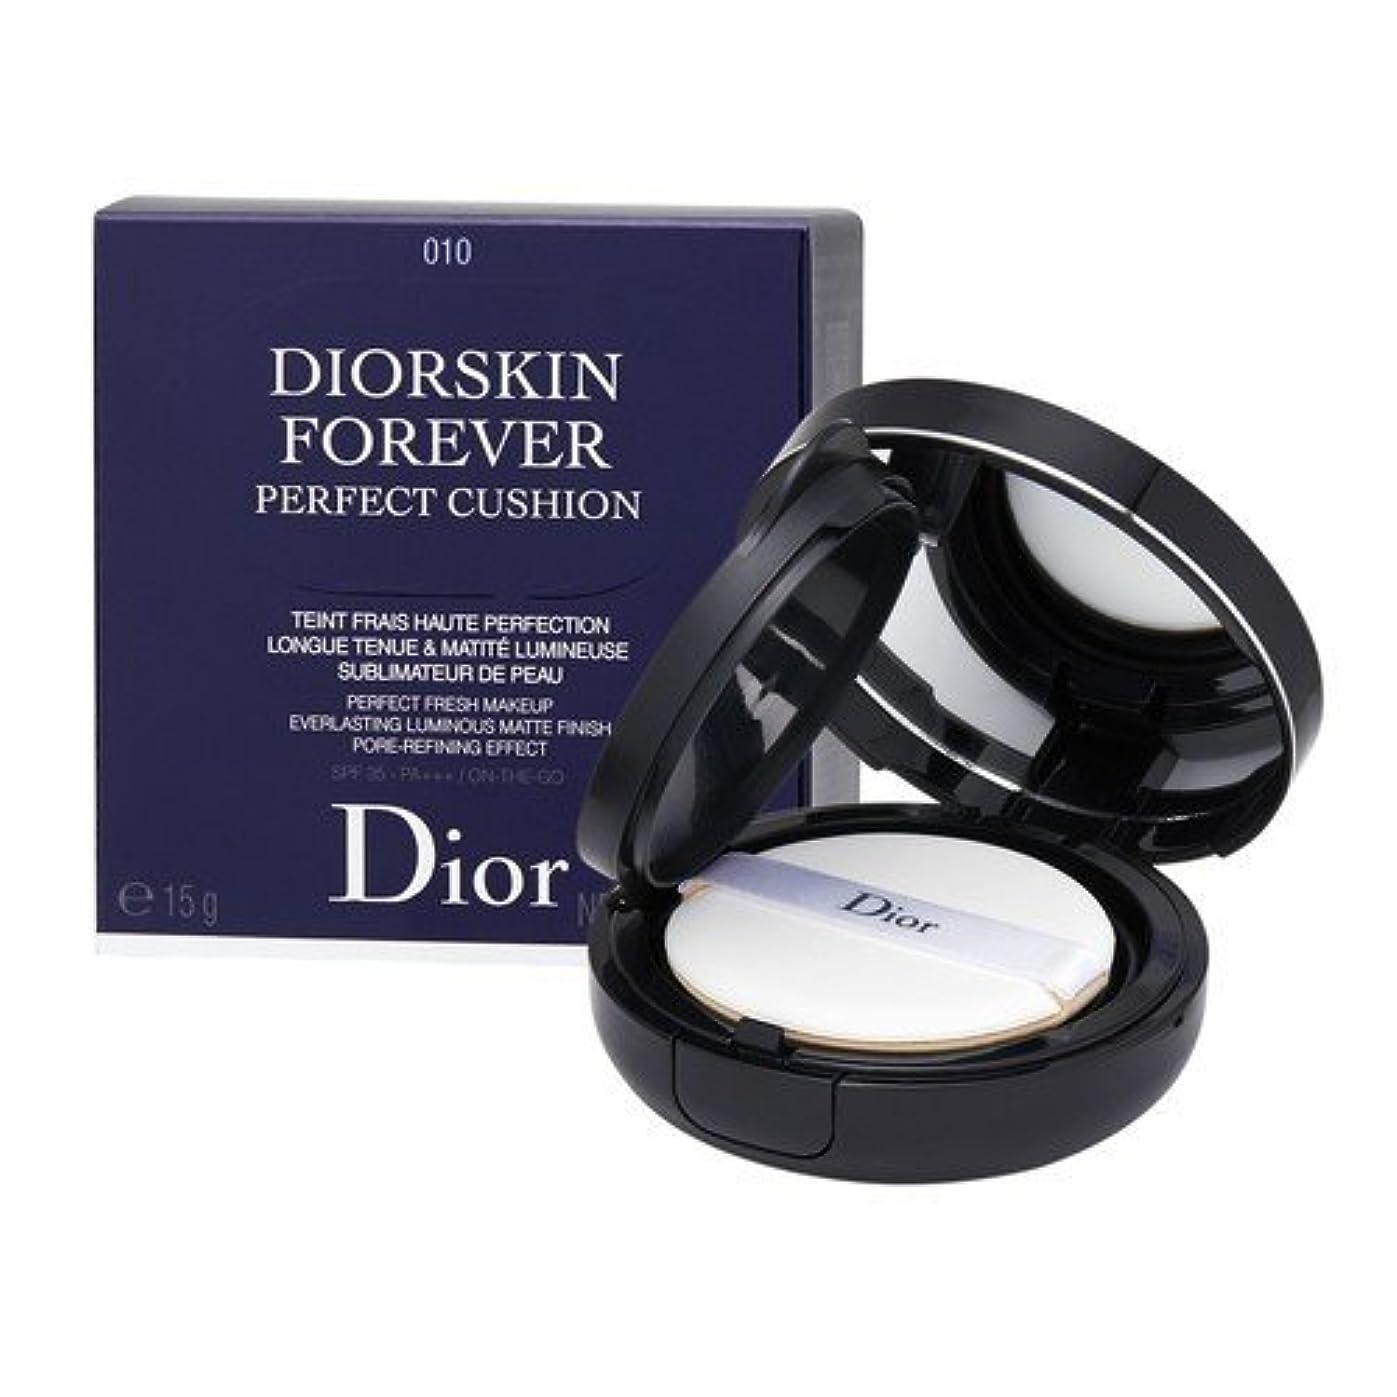 いつも中世の慰めクリスチャン ディオール(Christian Dior) ディオールスキン フォーエヴァー クッション #010 アイボリー 15g[並行輸入品]